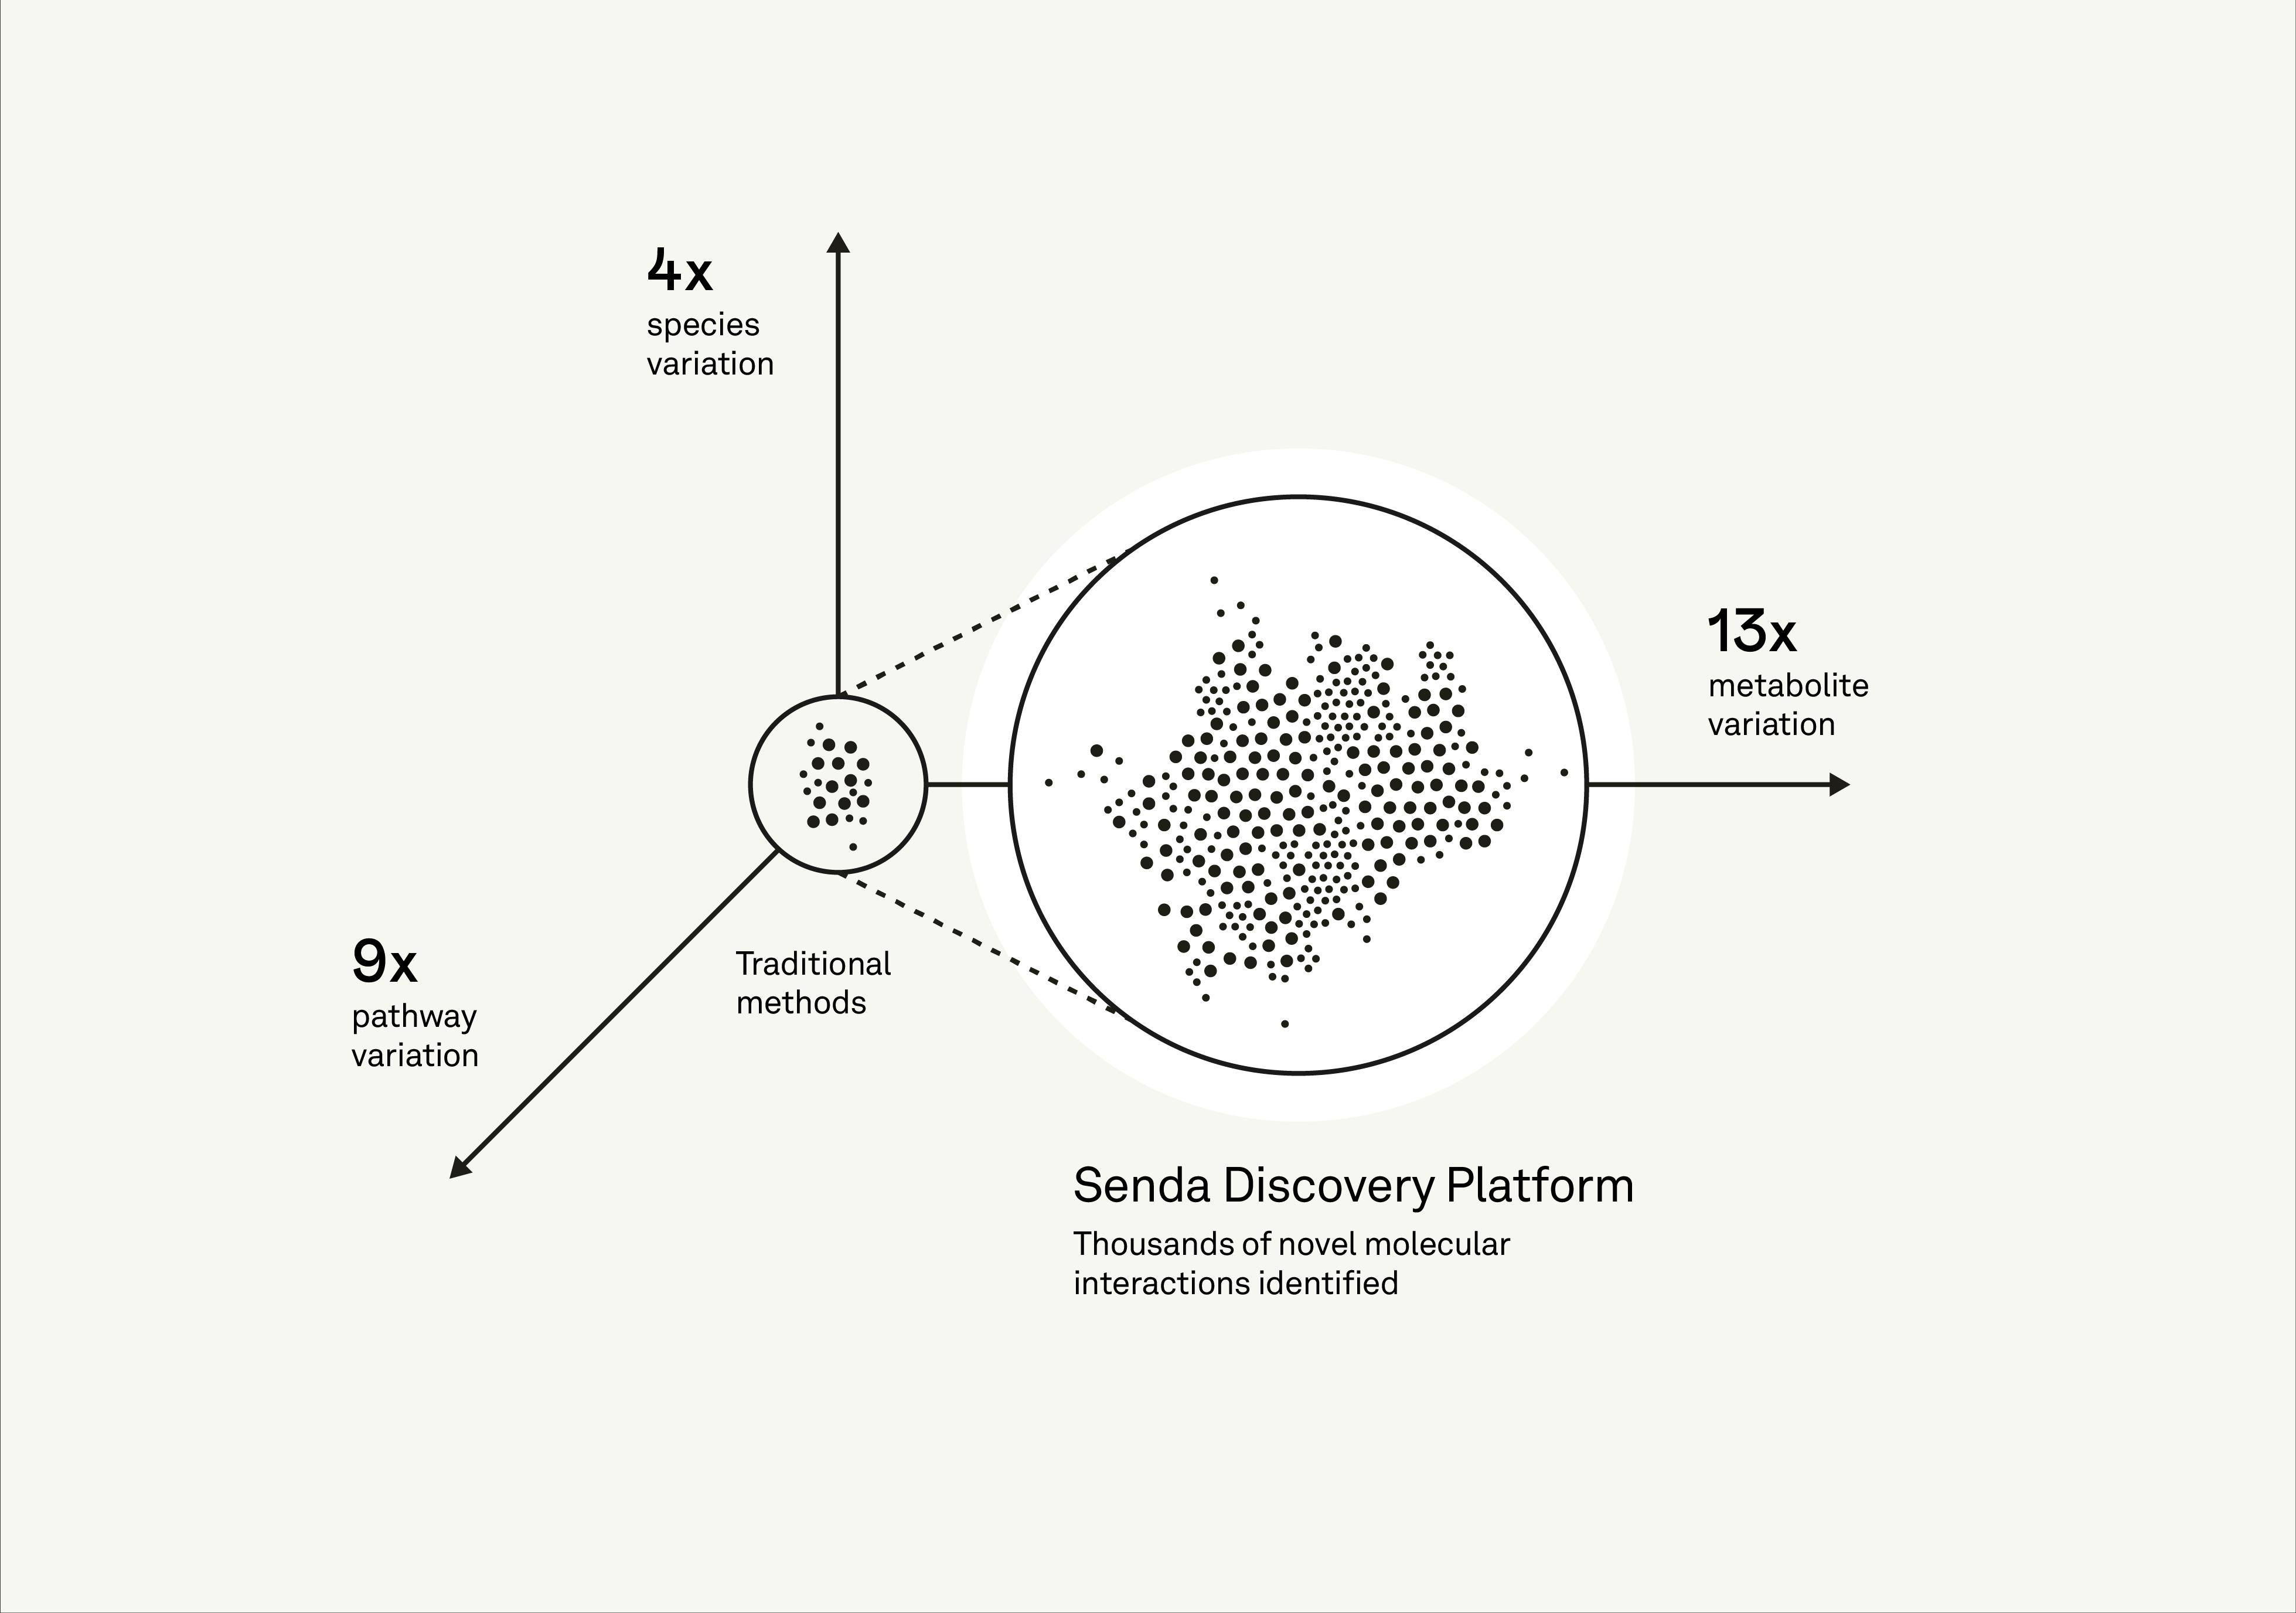 Senda Discovery Platform